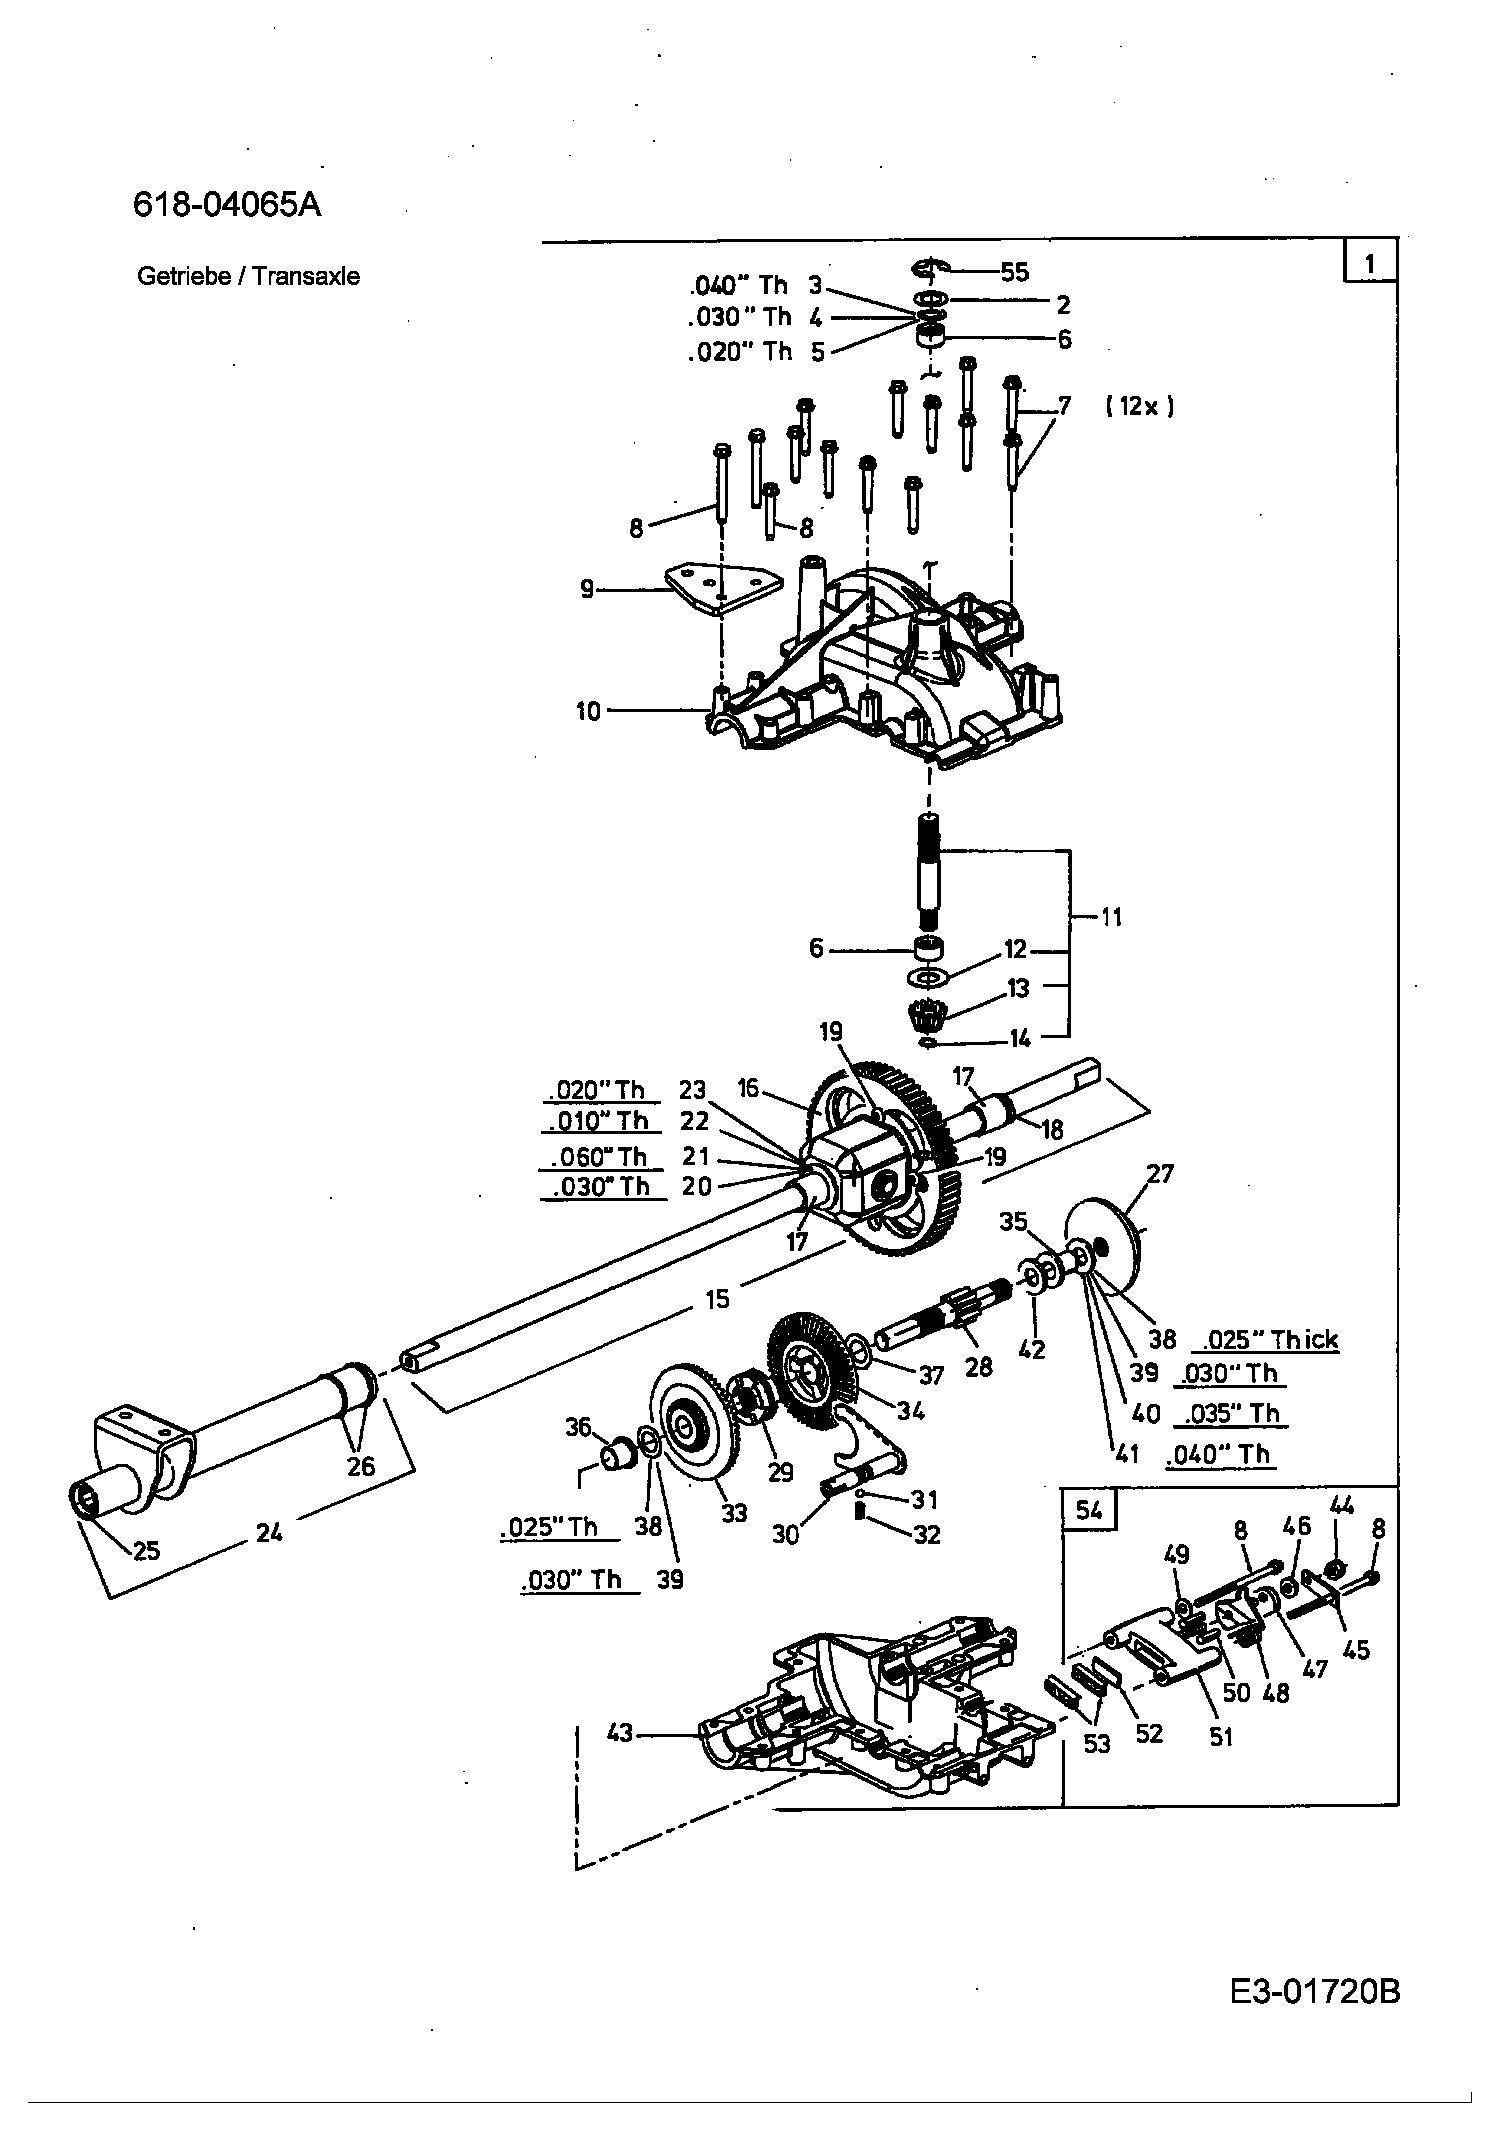 Getriebe 13bv506n690 2005 Glx 105 Ra Rasentraktoren Gutbrod